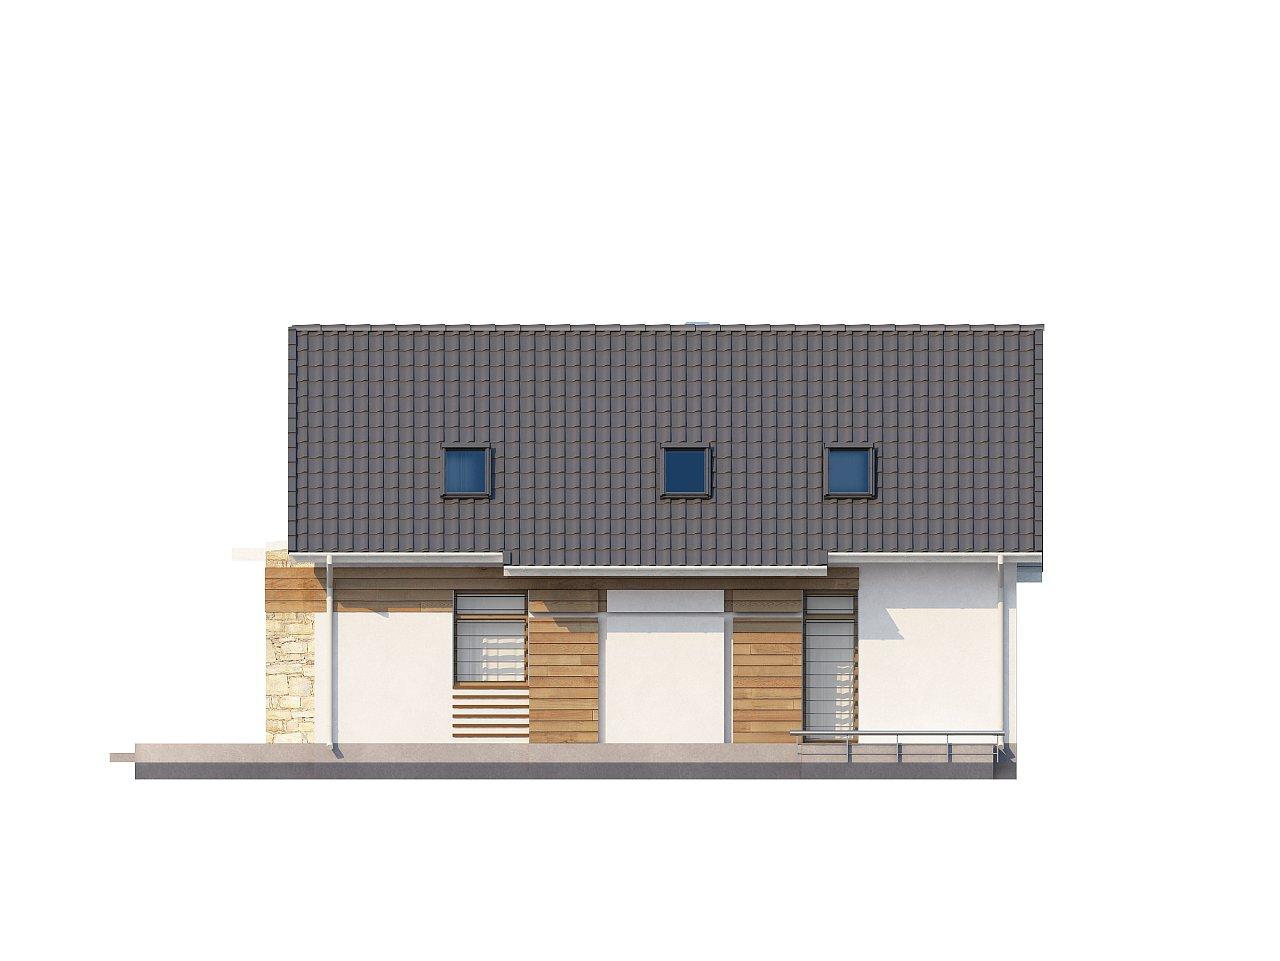 Функциональный дом с кабинетом на первом этаже, удобный для участка с южным въездом. 10